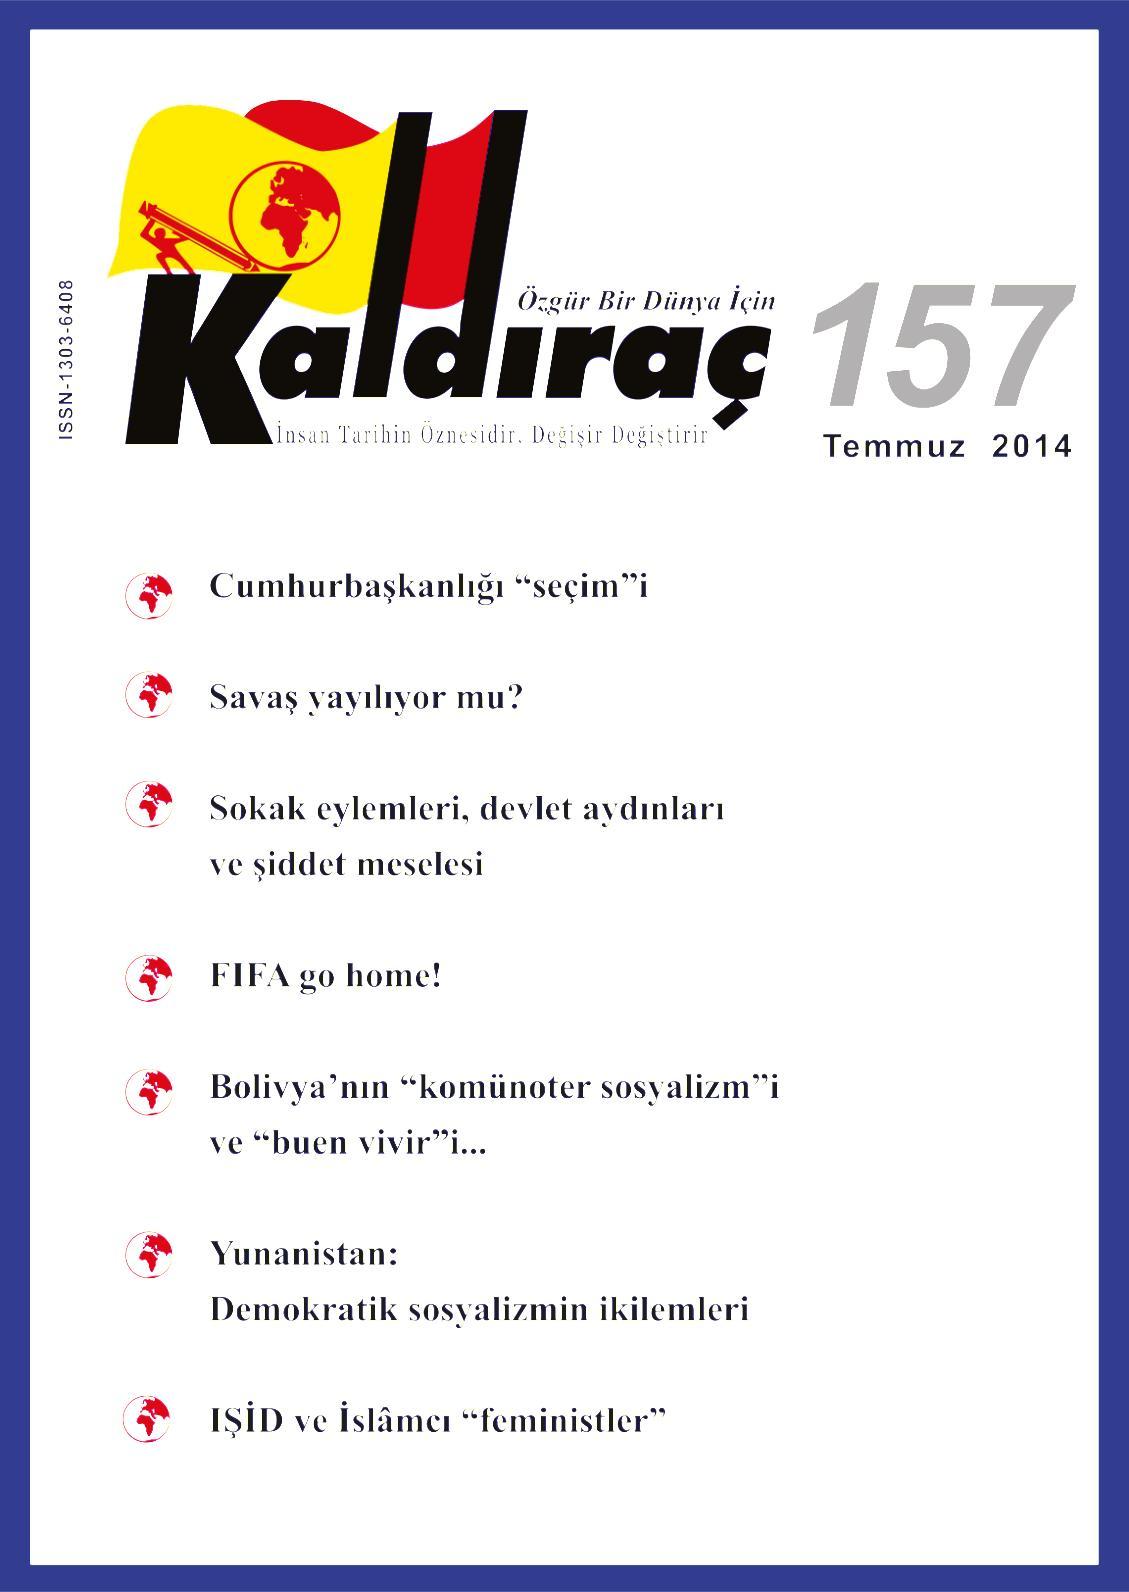 Calameo Kaldirac 157 Sayi Temmuz 2014